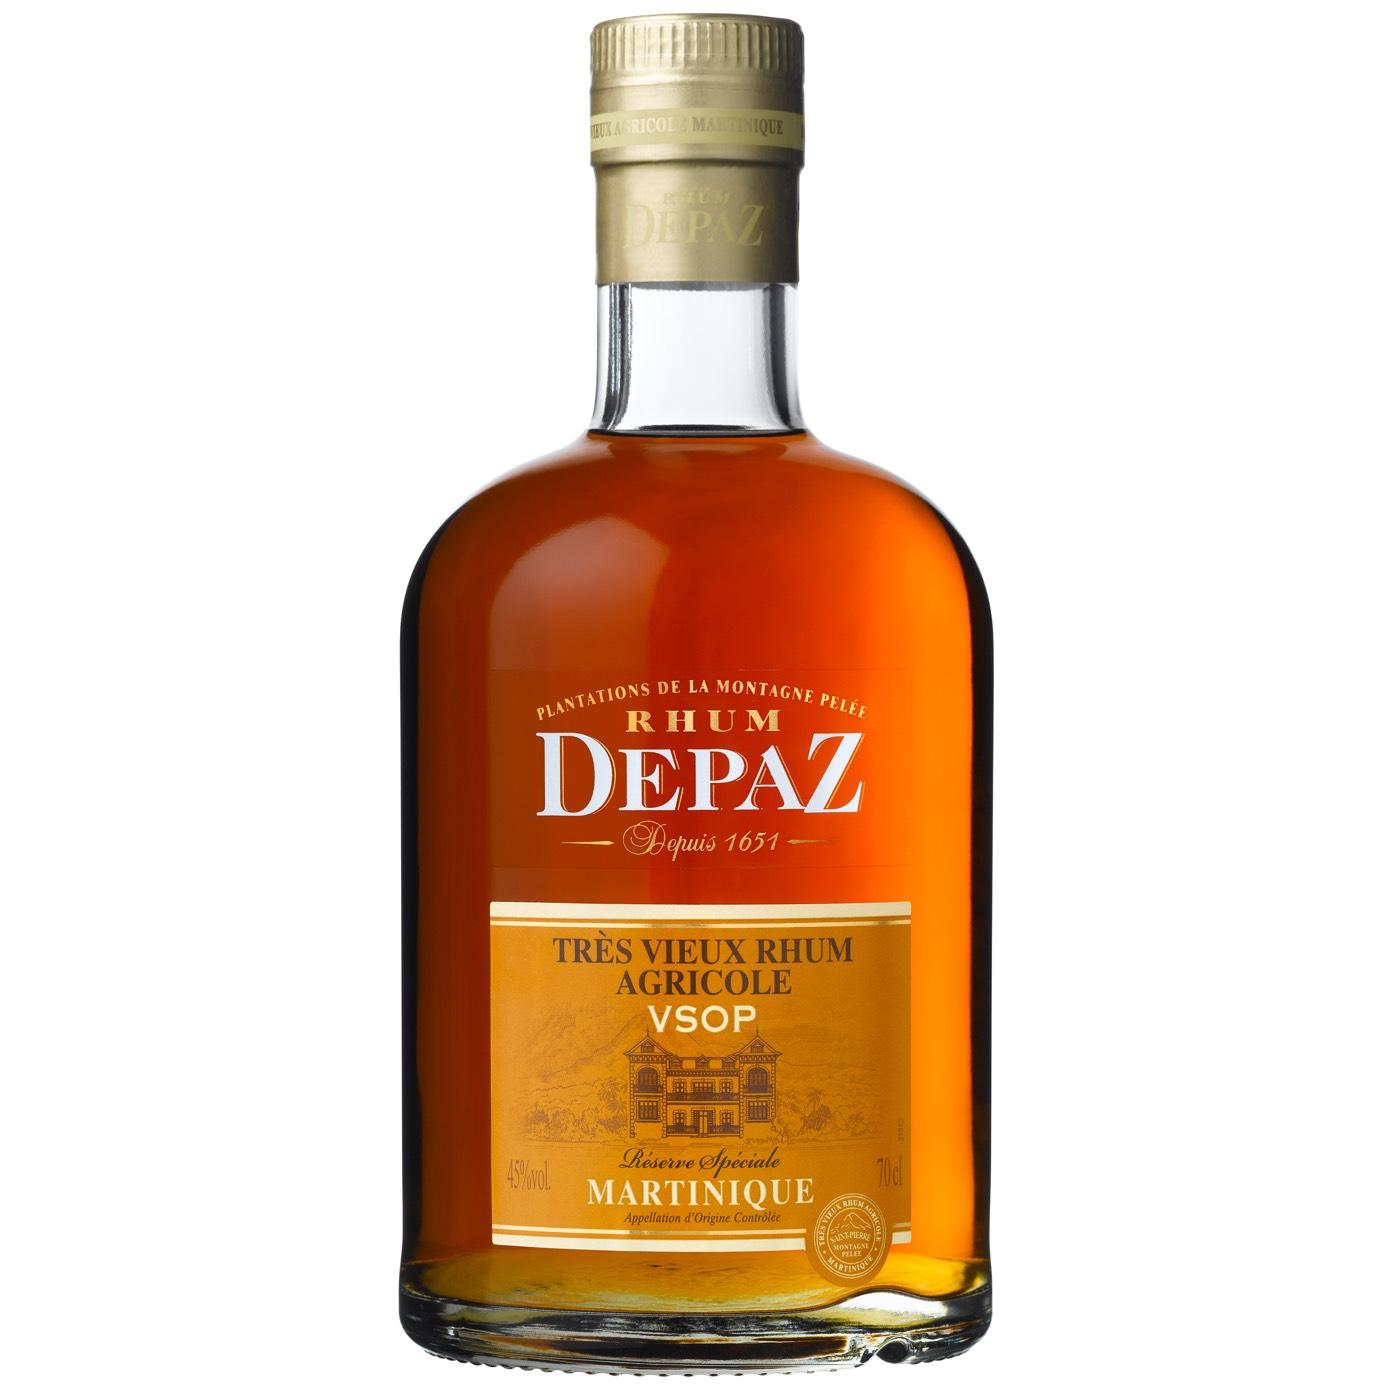 Bottle image of VSOP Spéciale Réserve